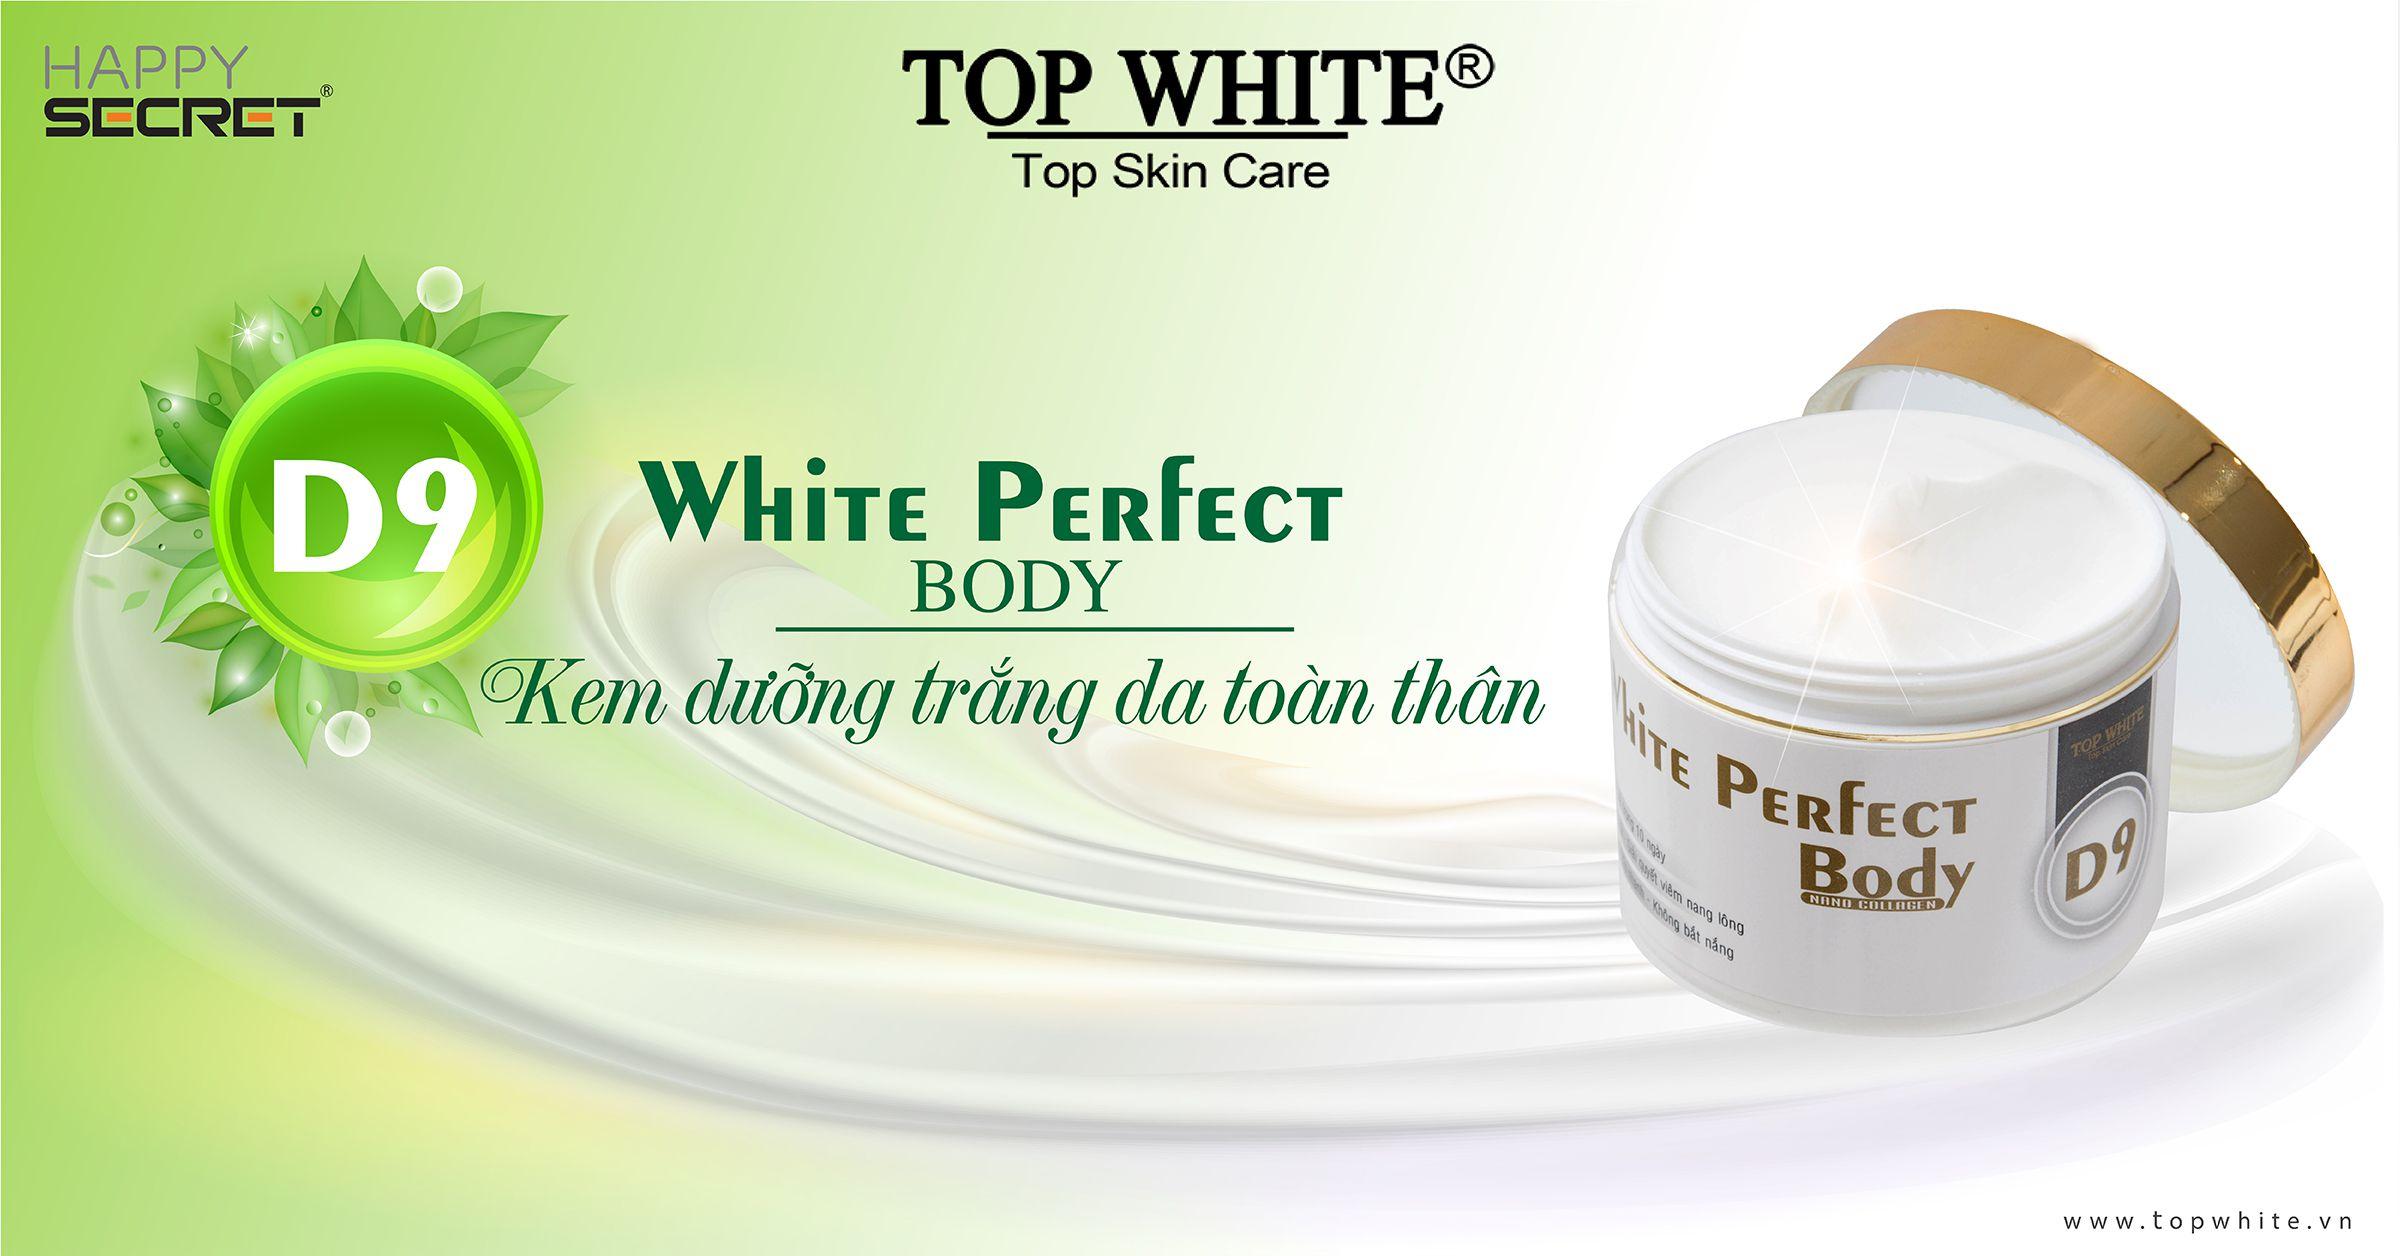 Kem dưỡng trắng da toàn thân